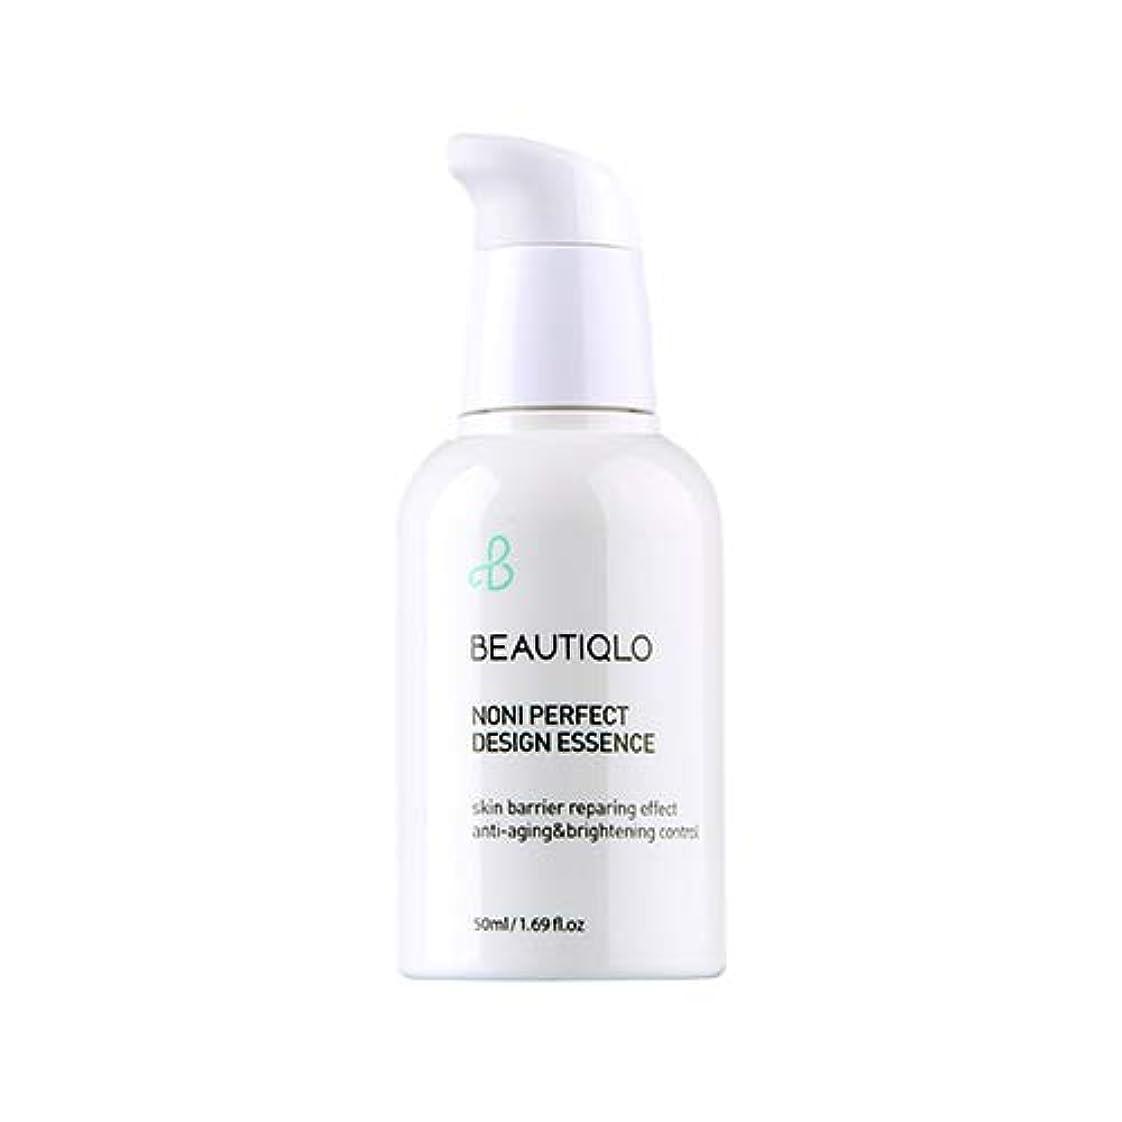 ジャンピングジャックアンビエント洞察力のある韓国化粧品 BEAUTIQLO NONI PERFECT DESIGN ESSENCE ビューティクロ ノニパーフェクトデザインエッセンス